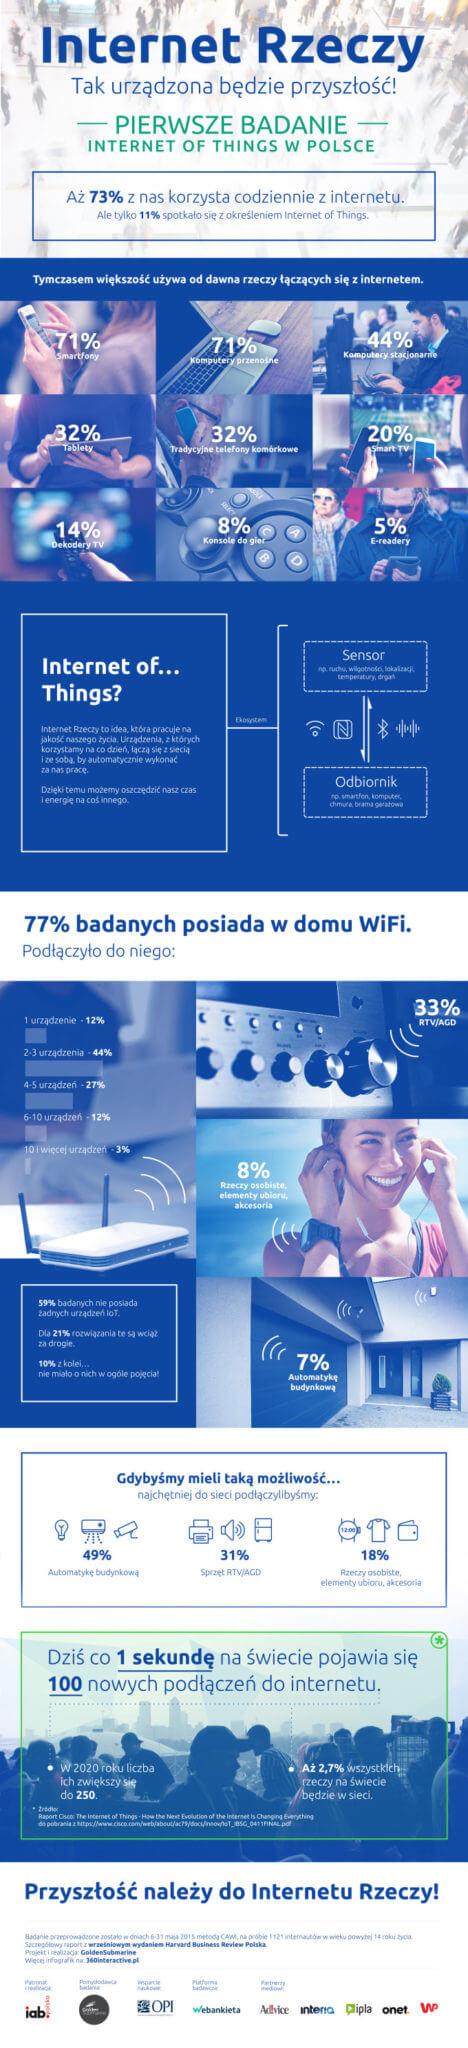 internet rzeczy infografika